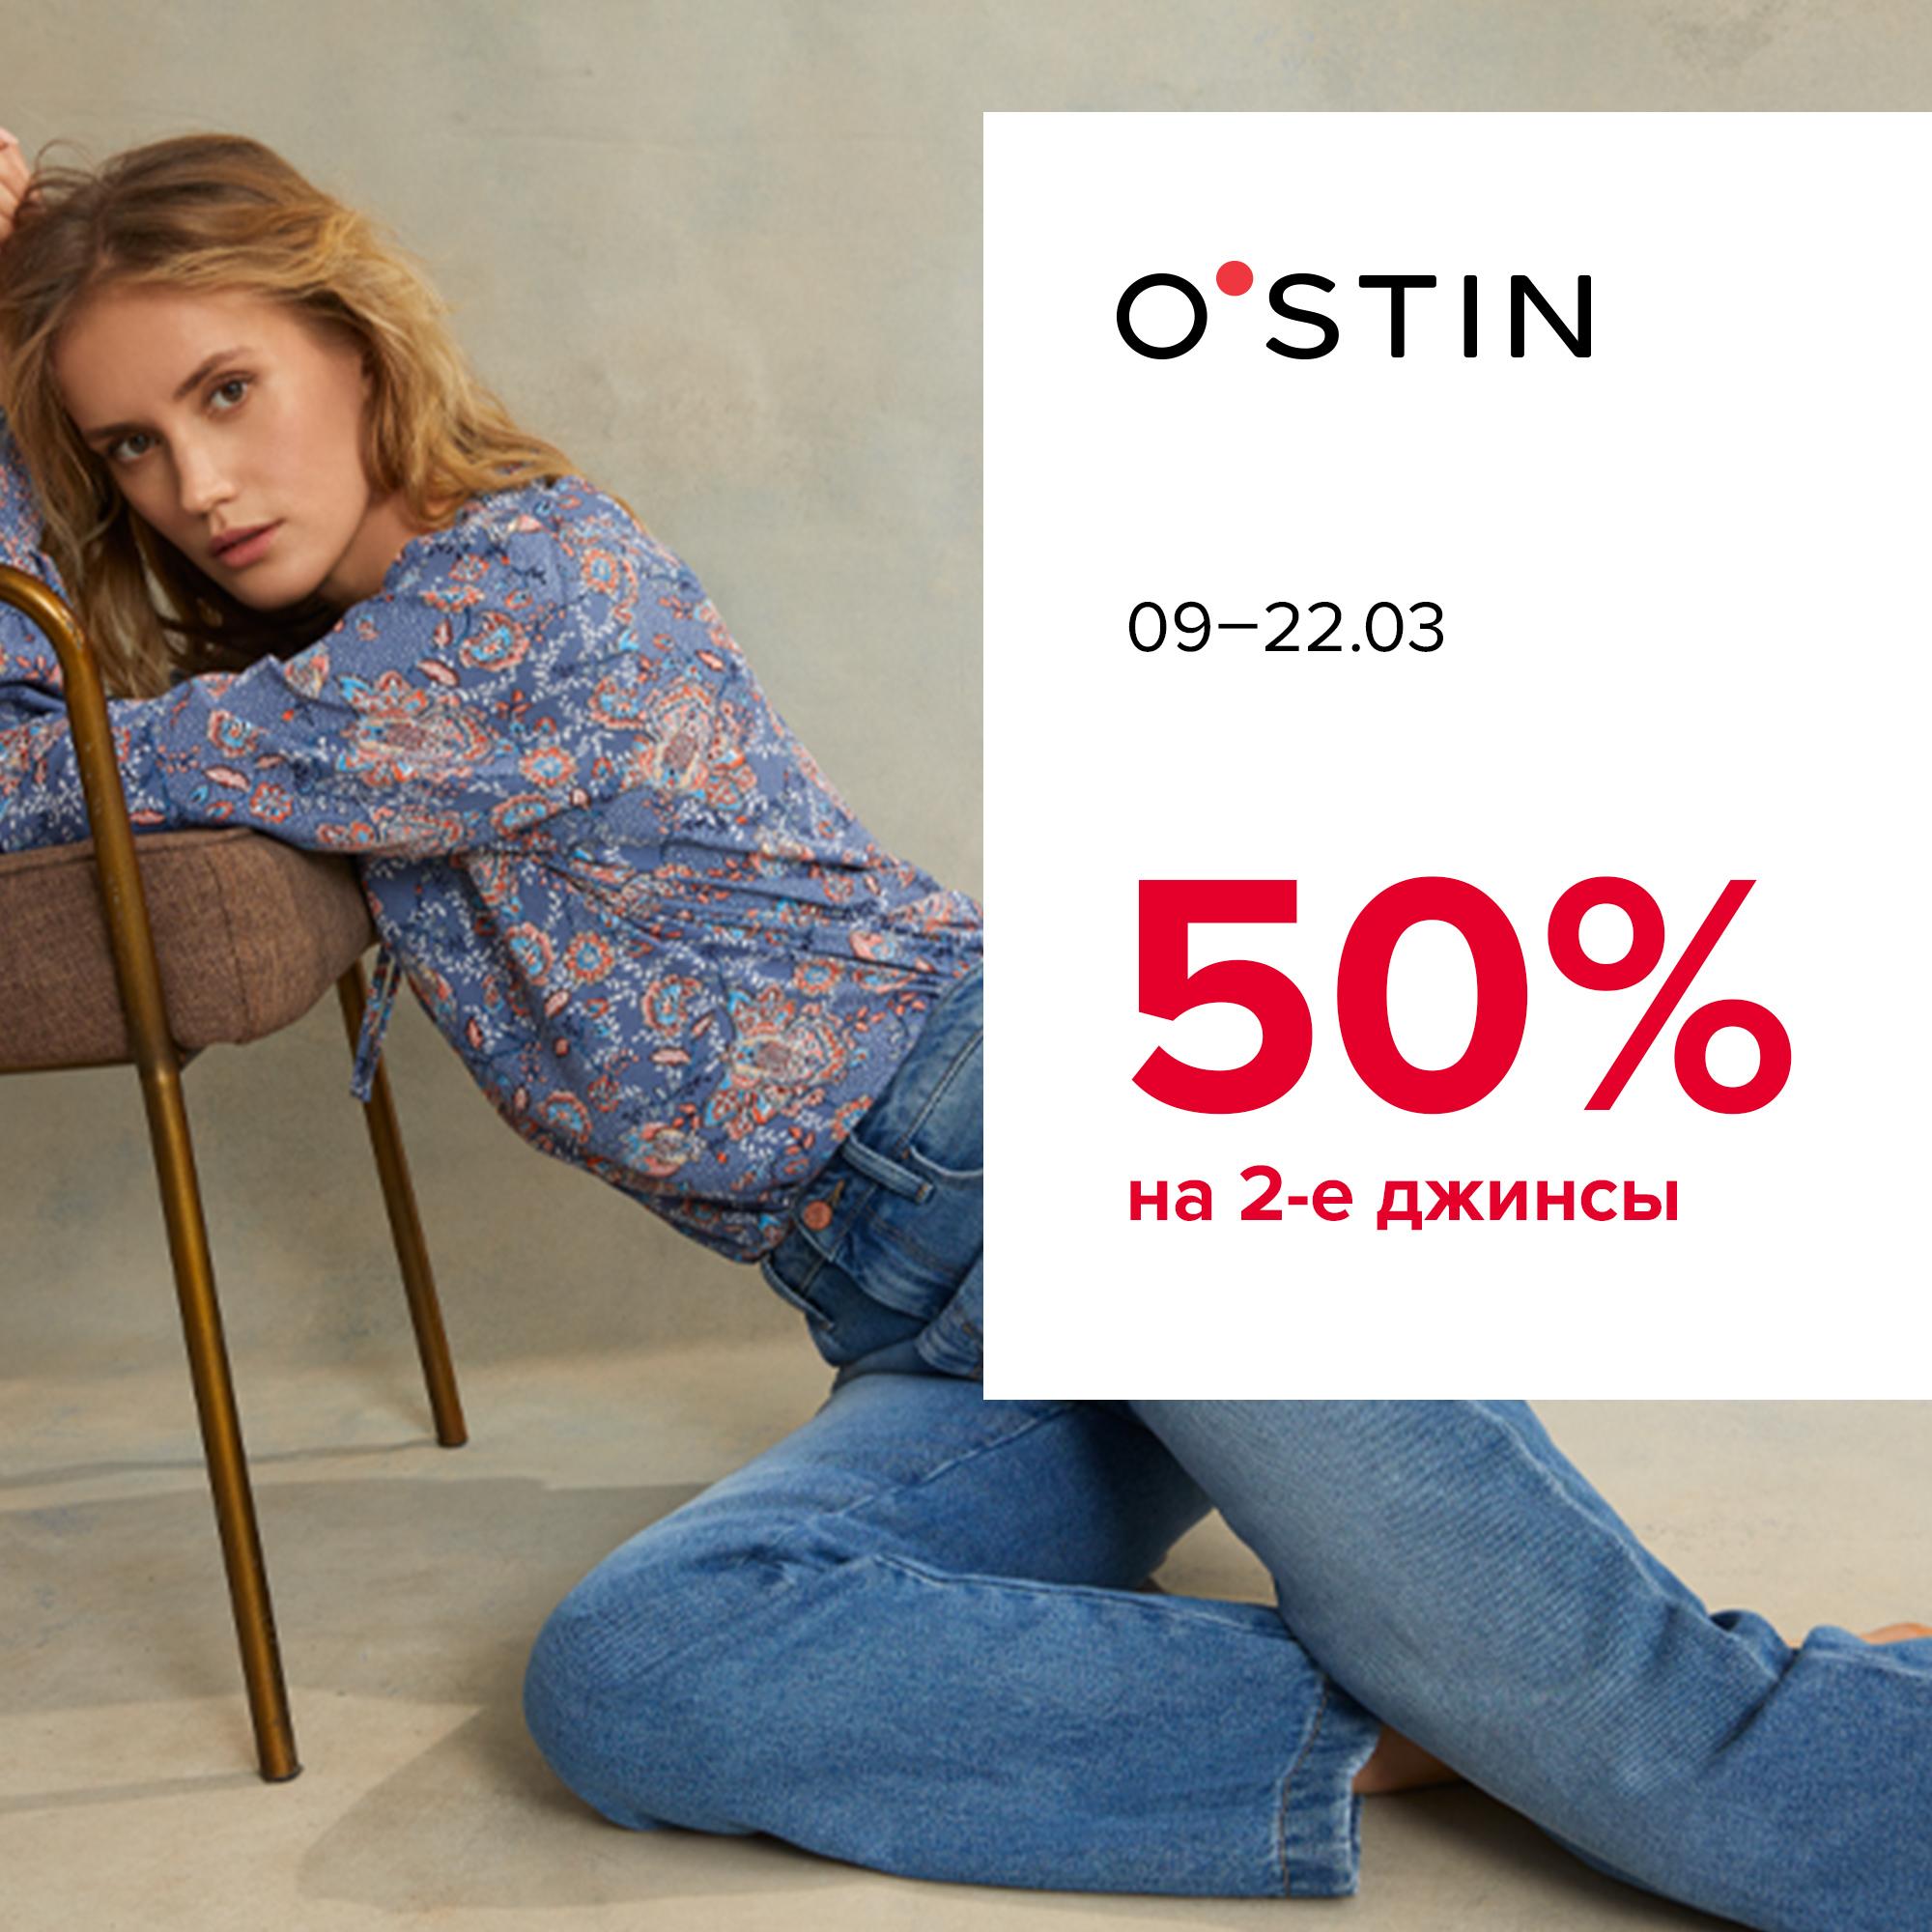 В O'STIN минус 50% на вторые джинсы!